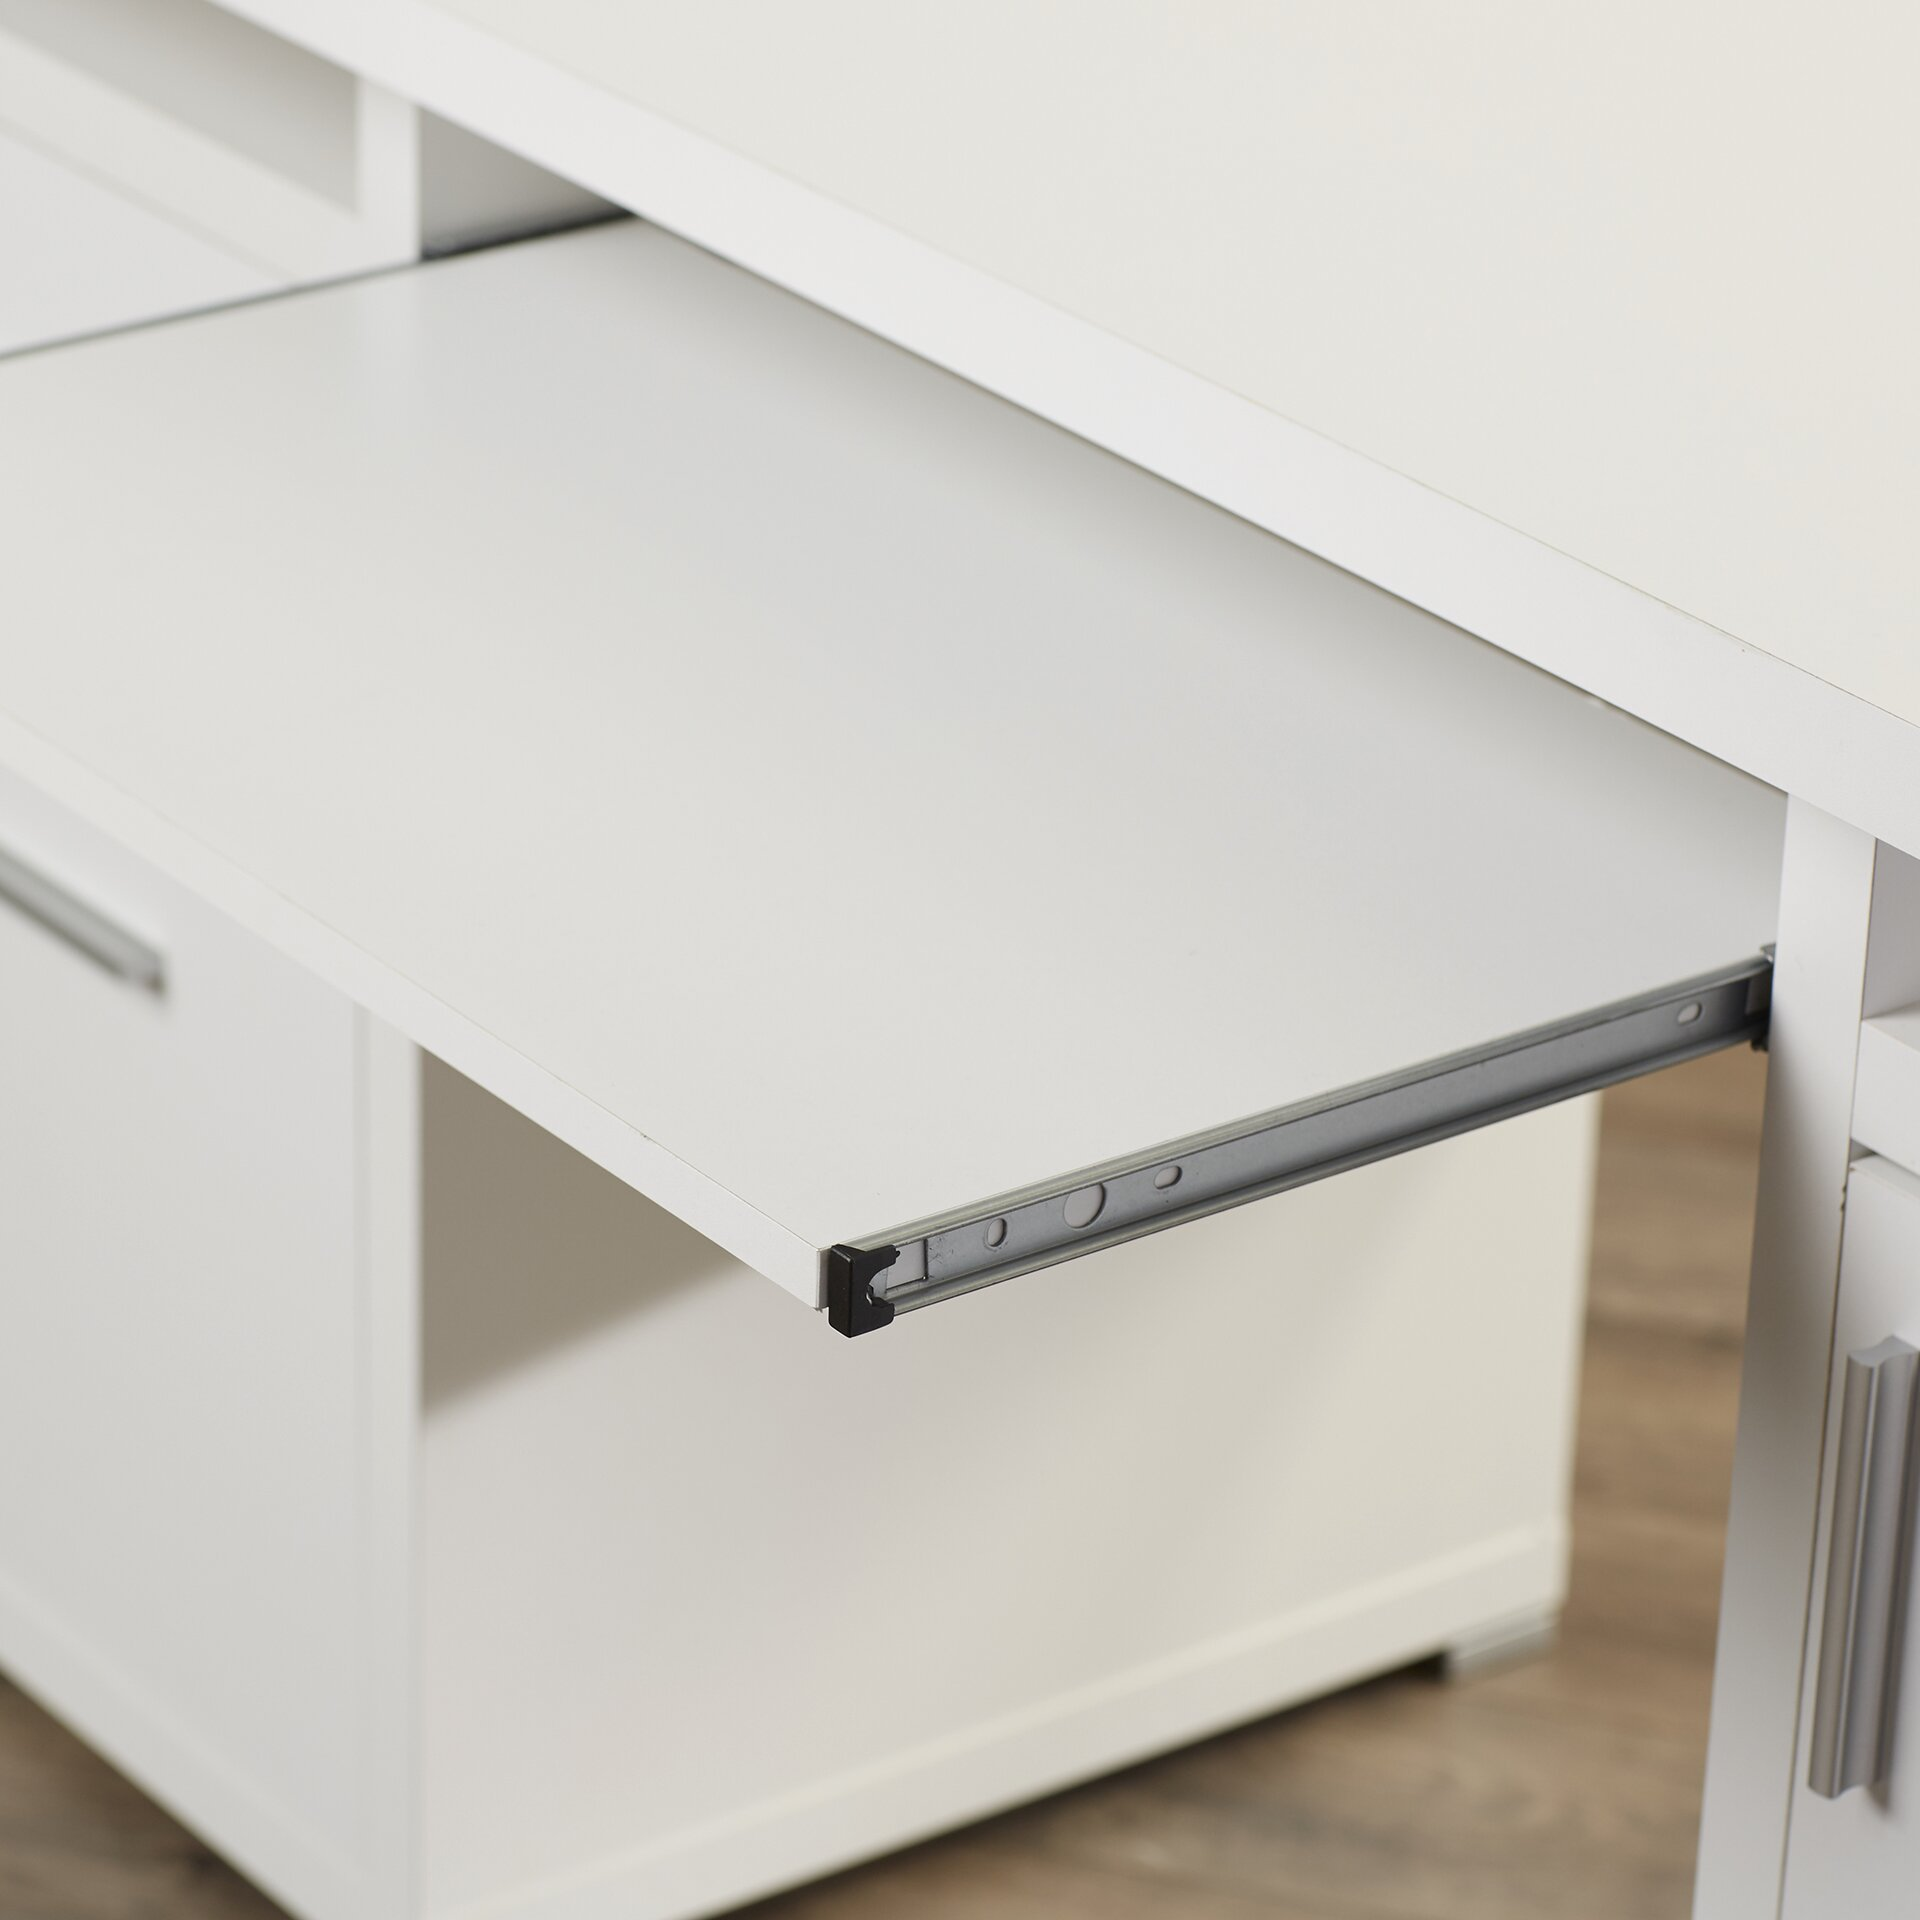 Brayden Studio 2 Drawer Computer Desk Amp Reviews Wayfair